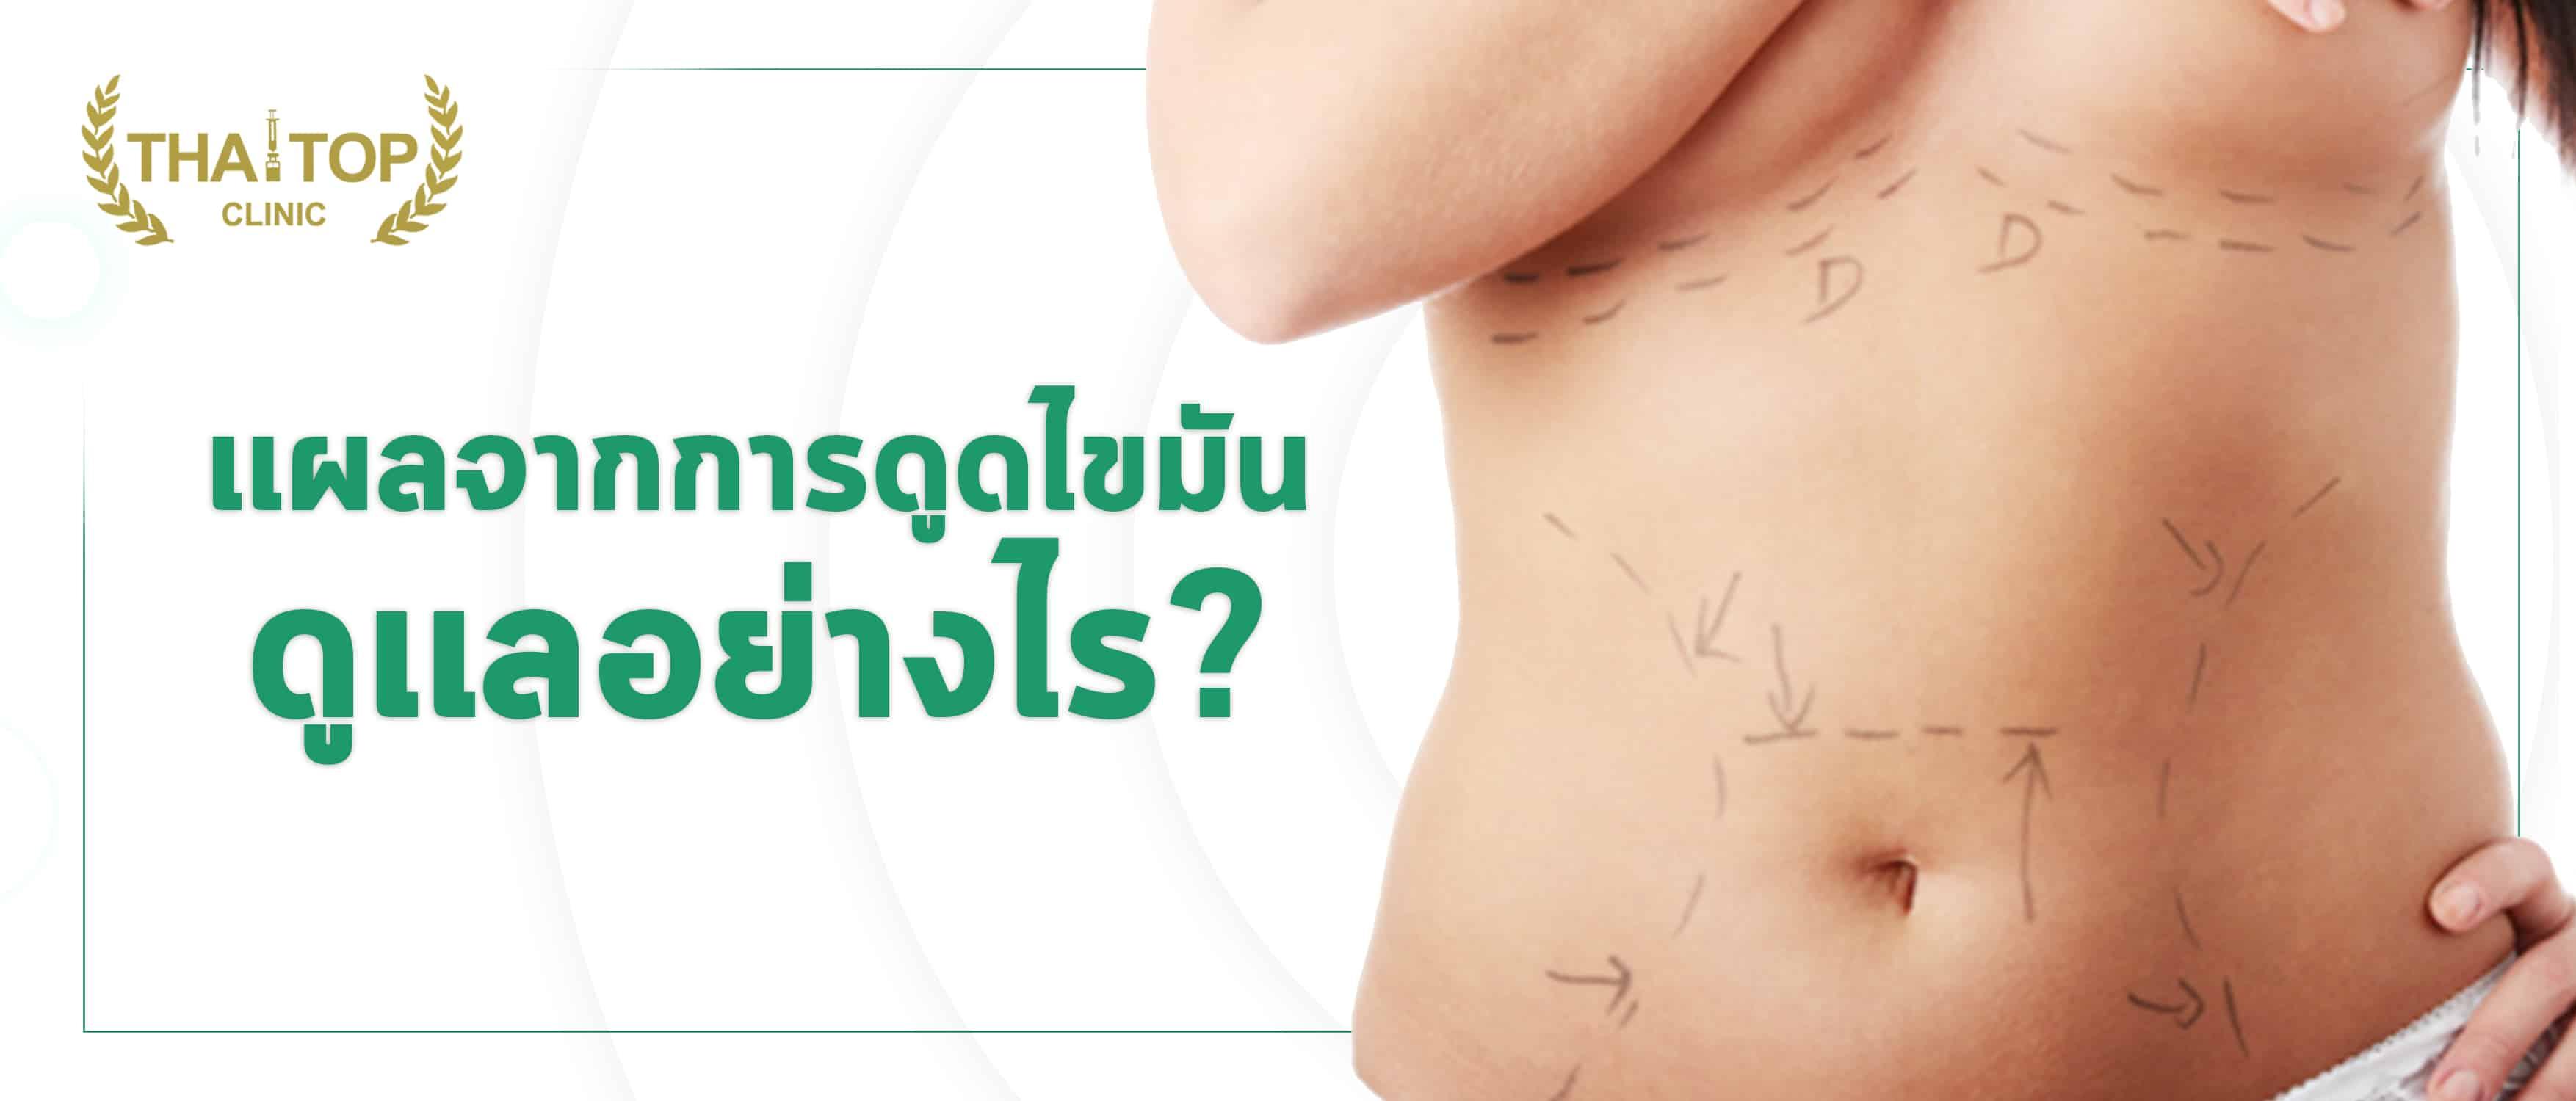 แผลจากการดูดไขมันดูแลอย่างไร ?